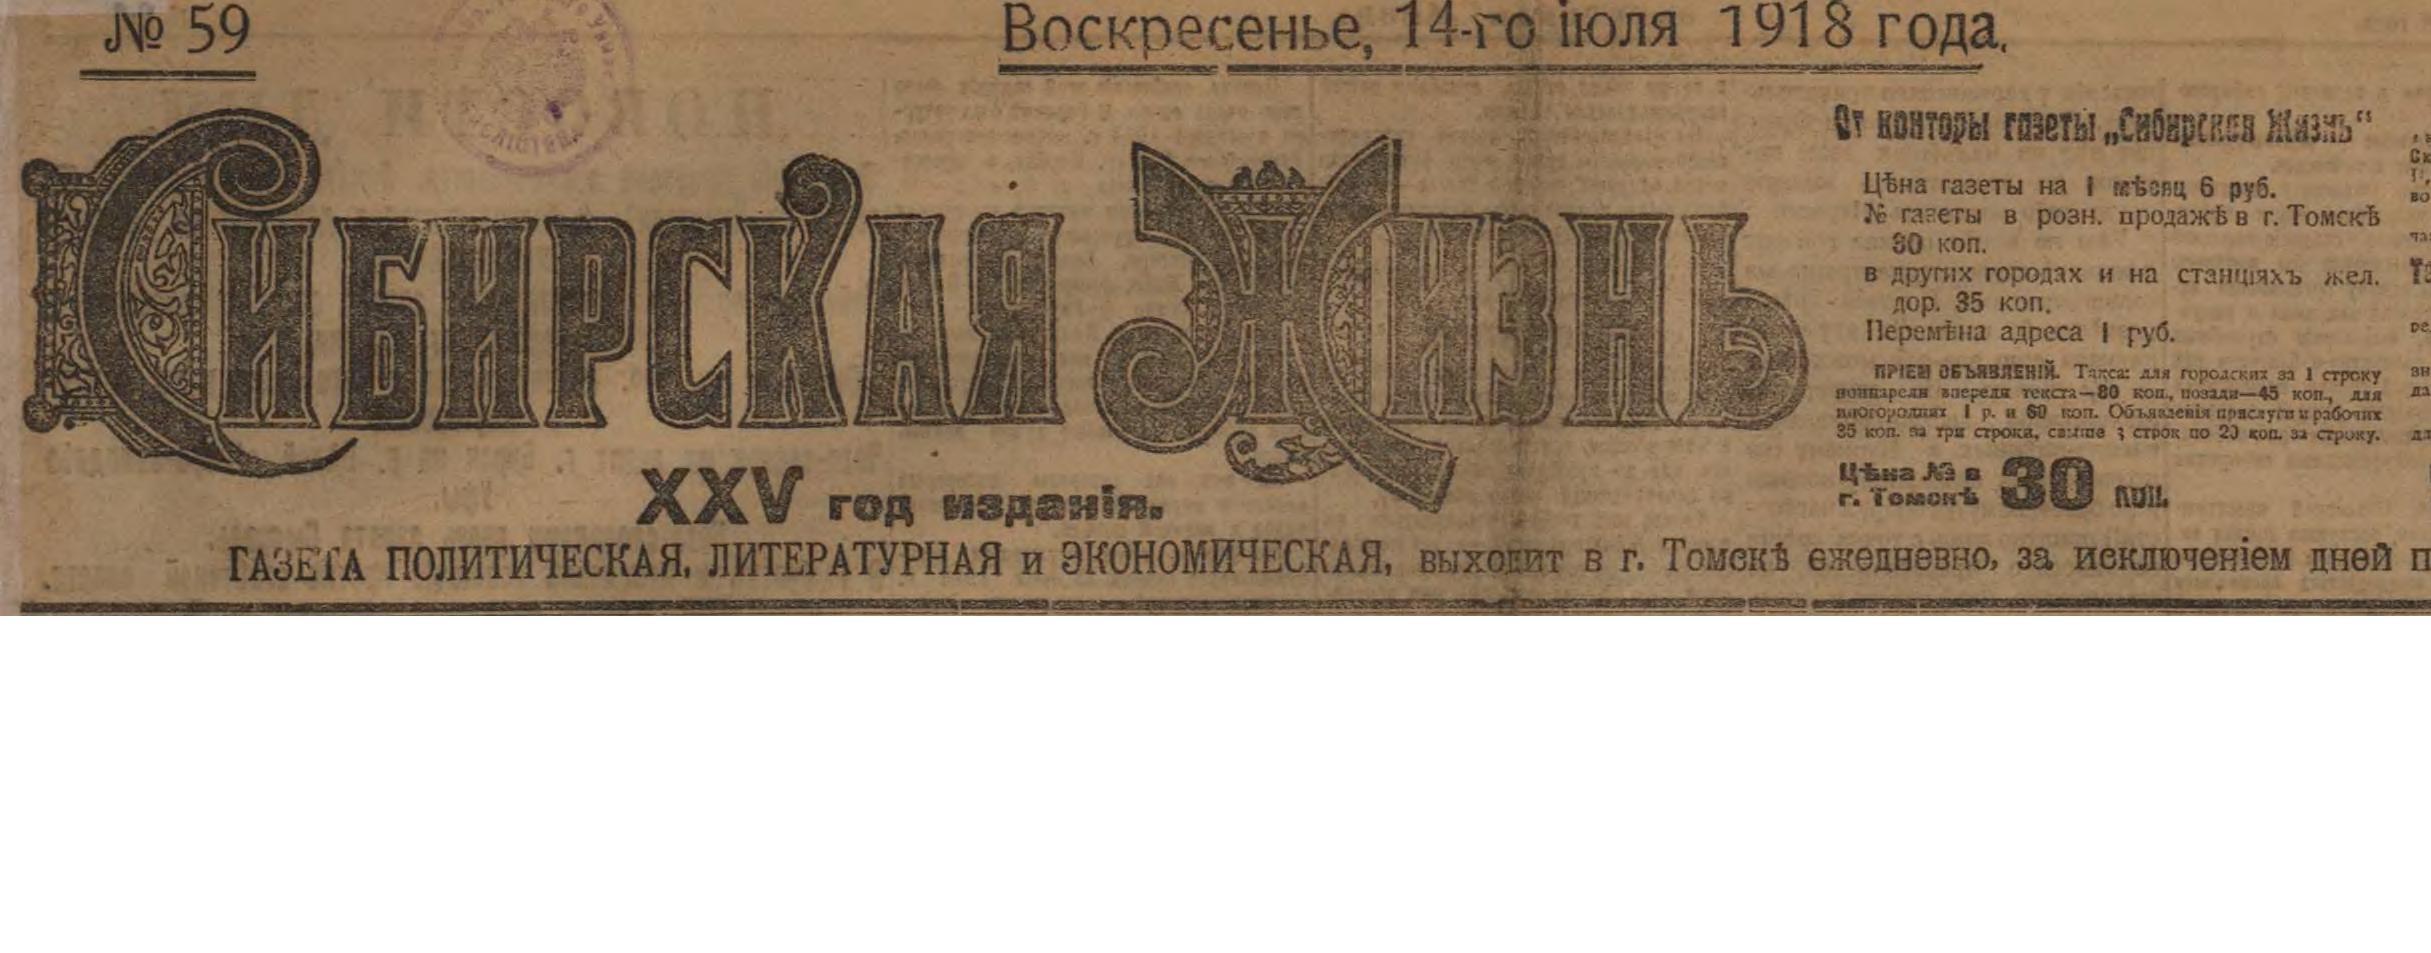 Газета Сибирская жизнь 1918